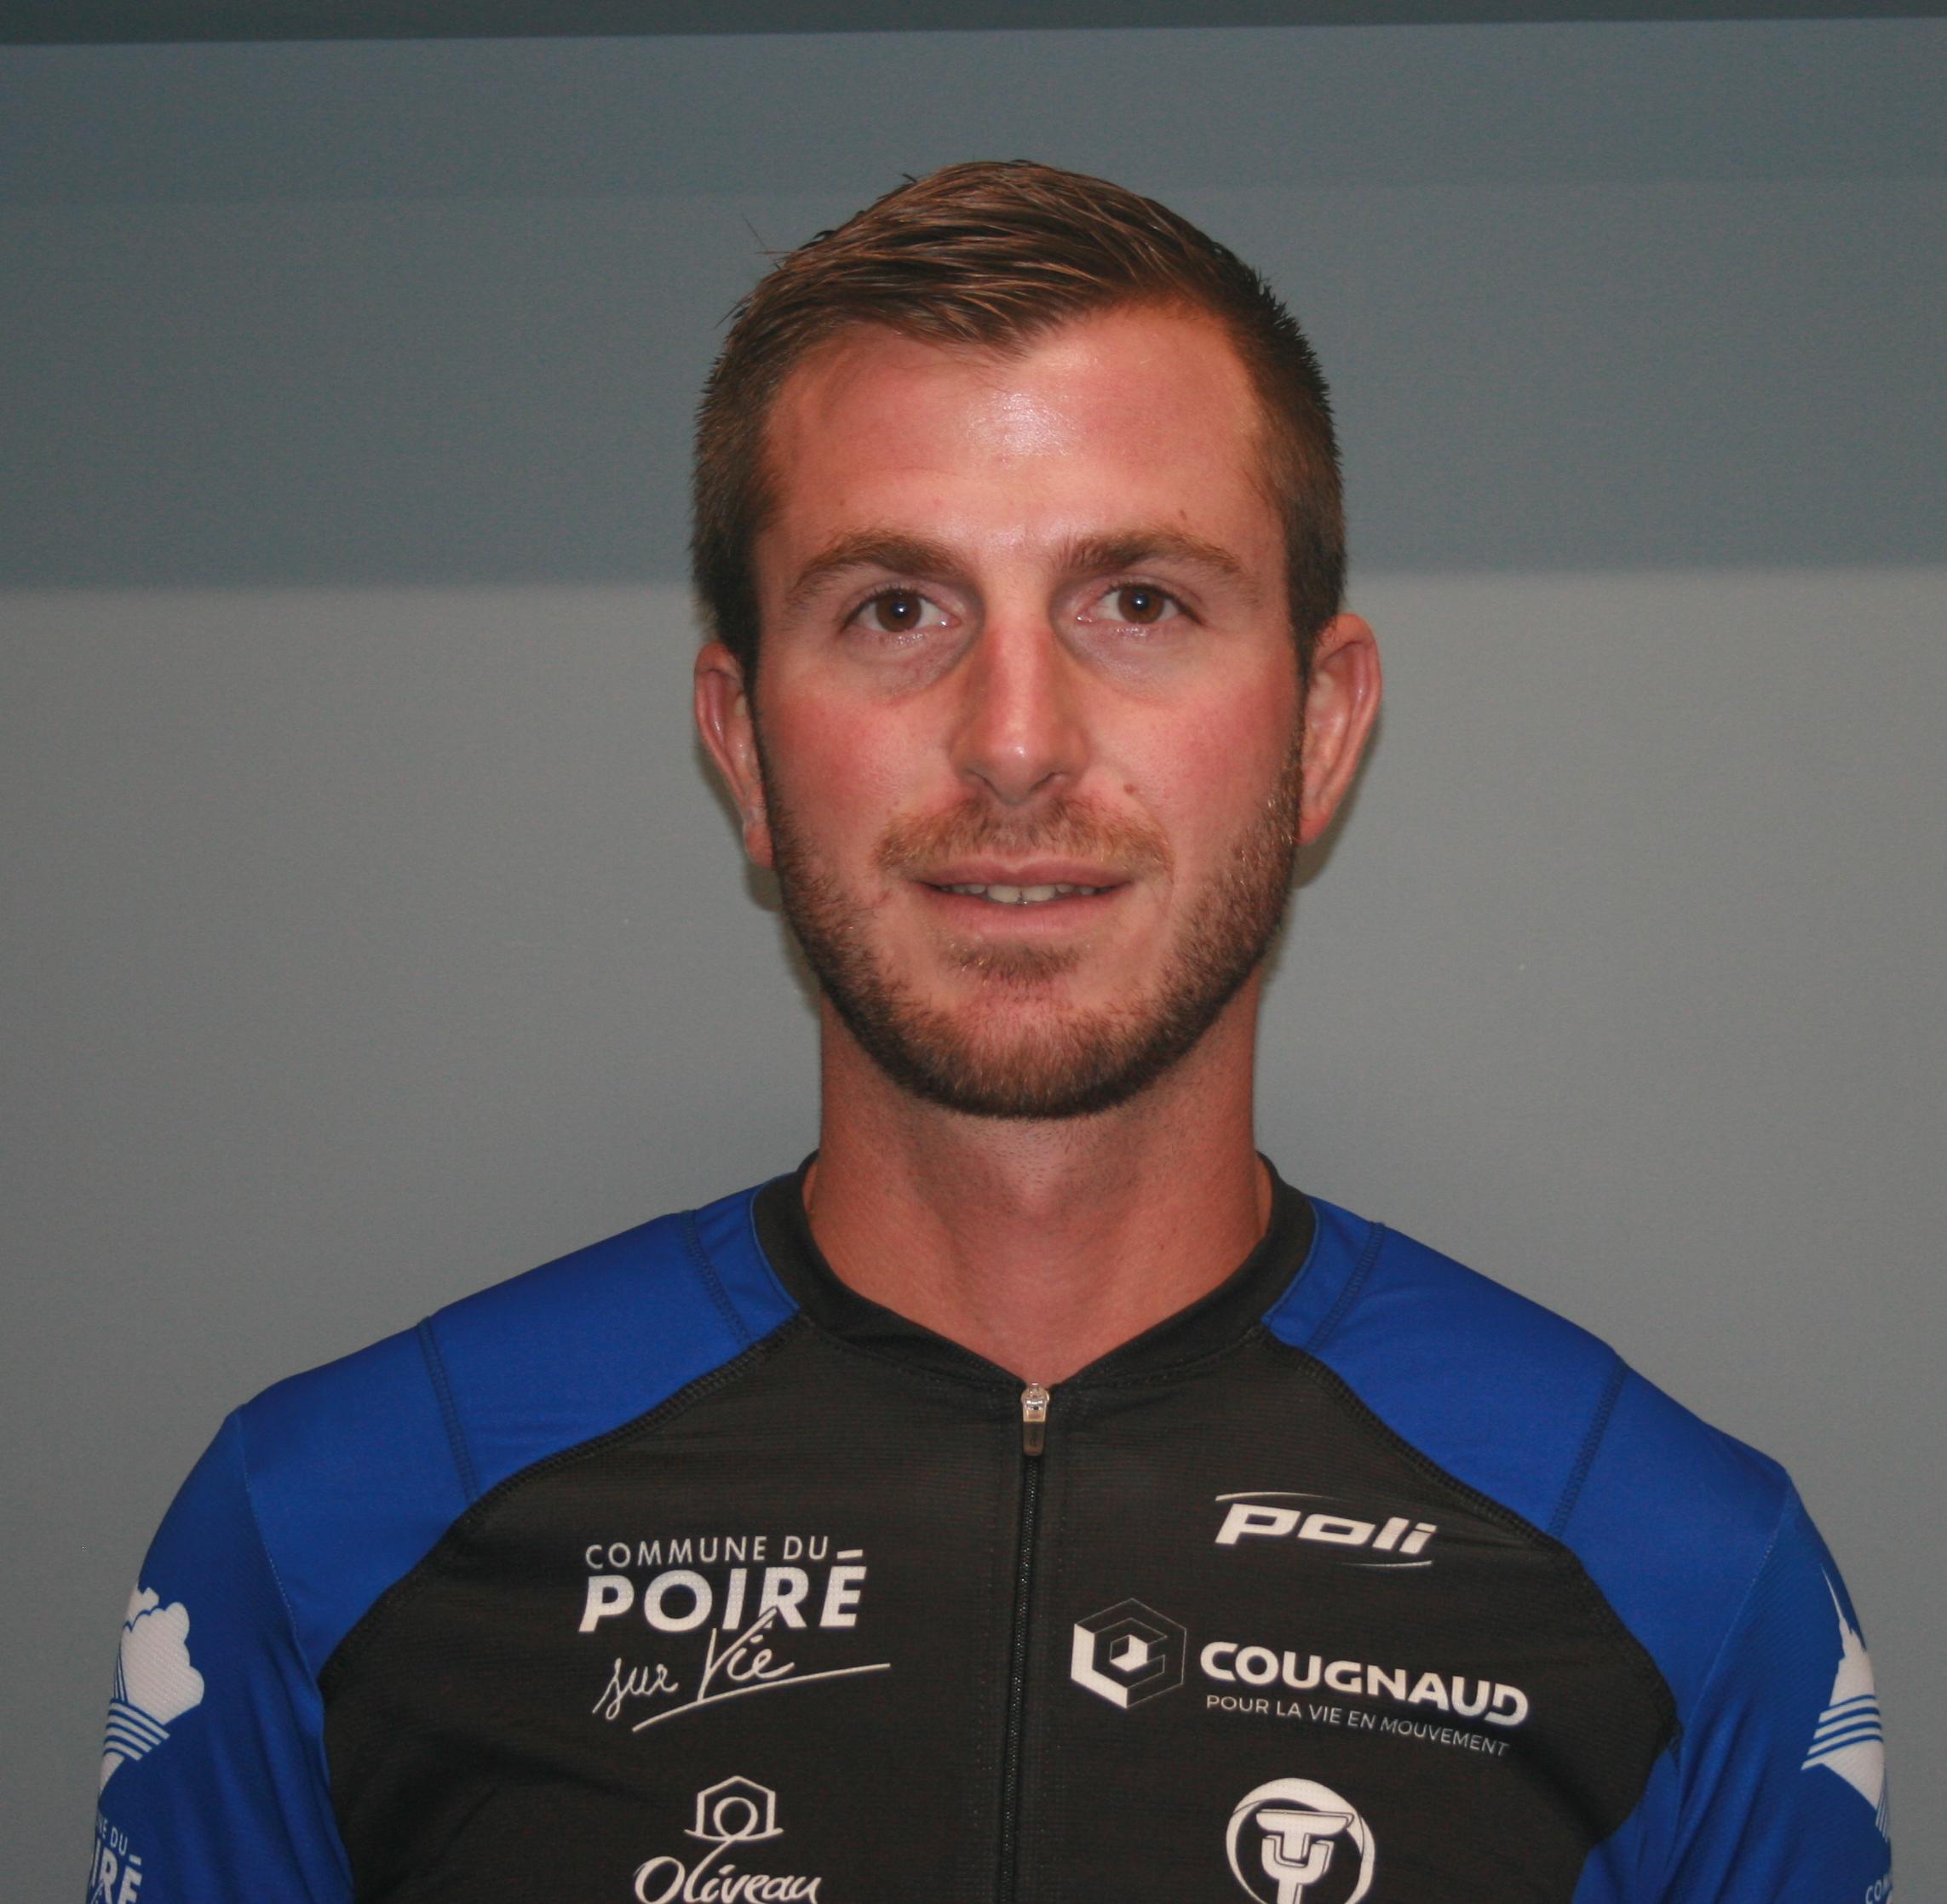 Jonathan Pajot